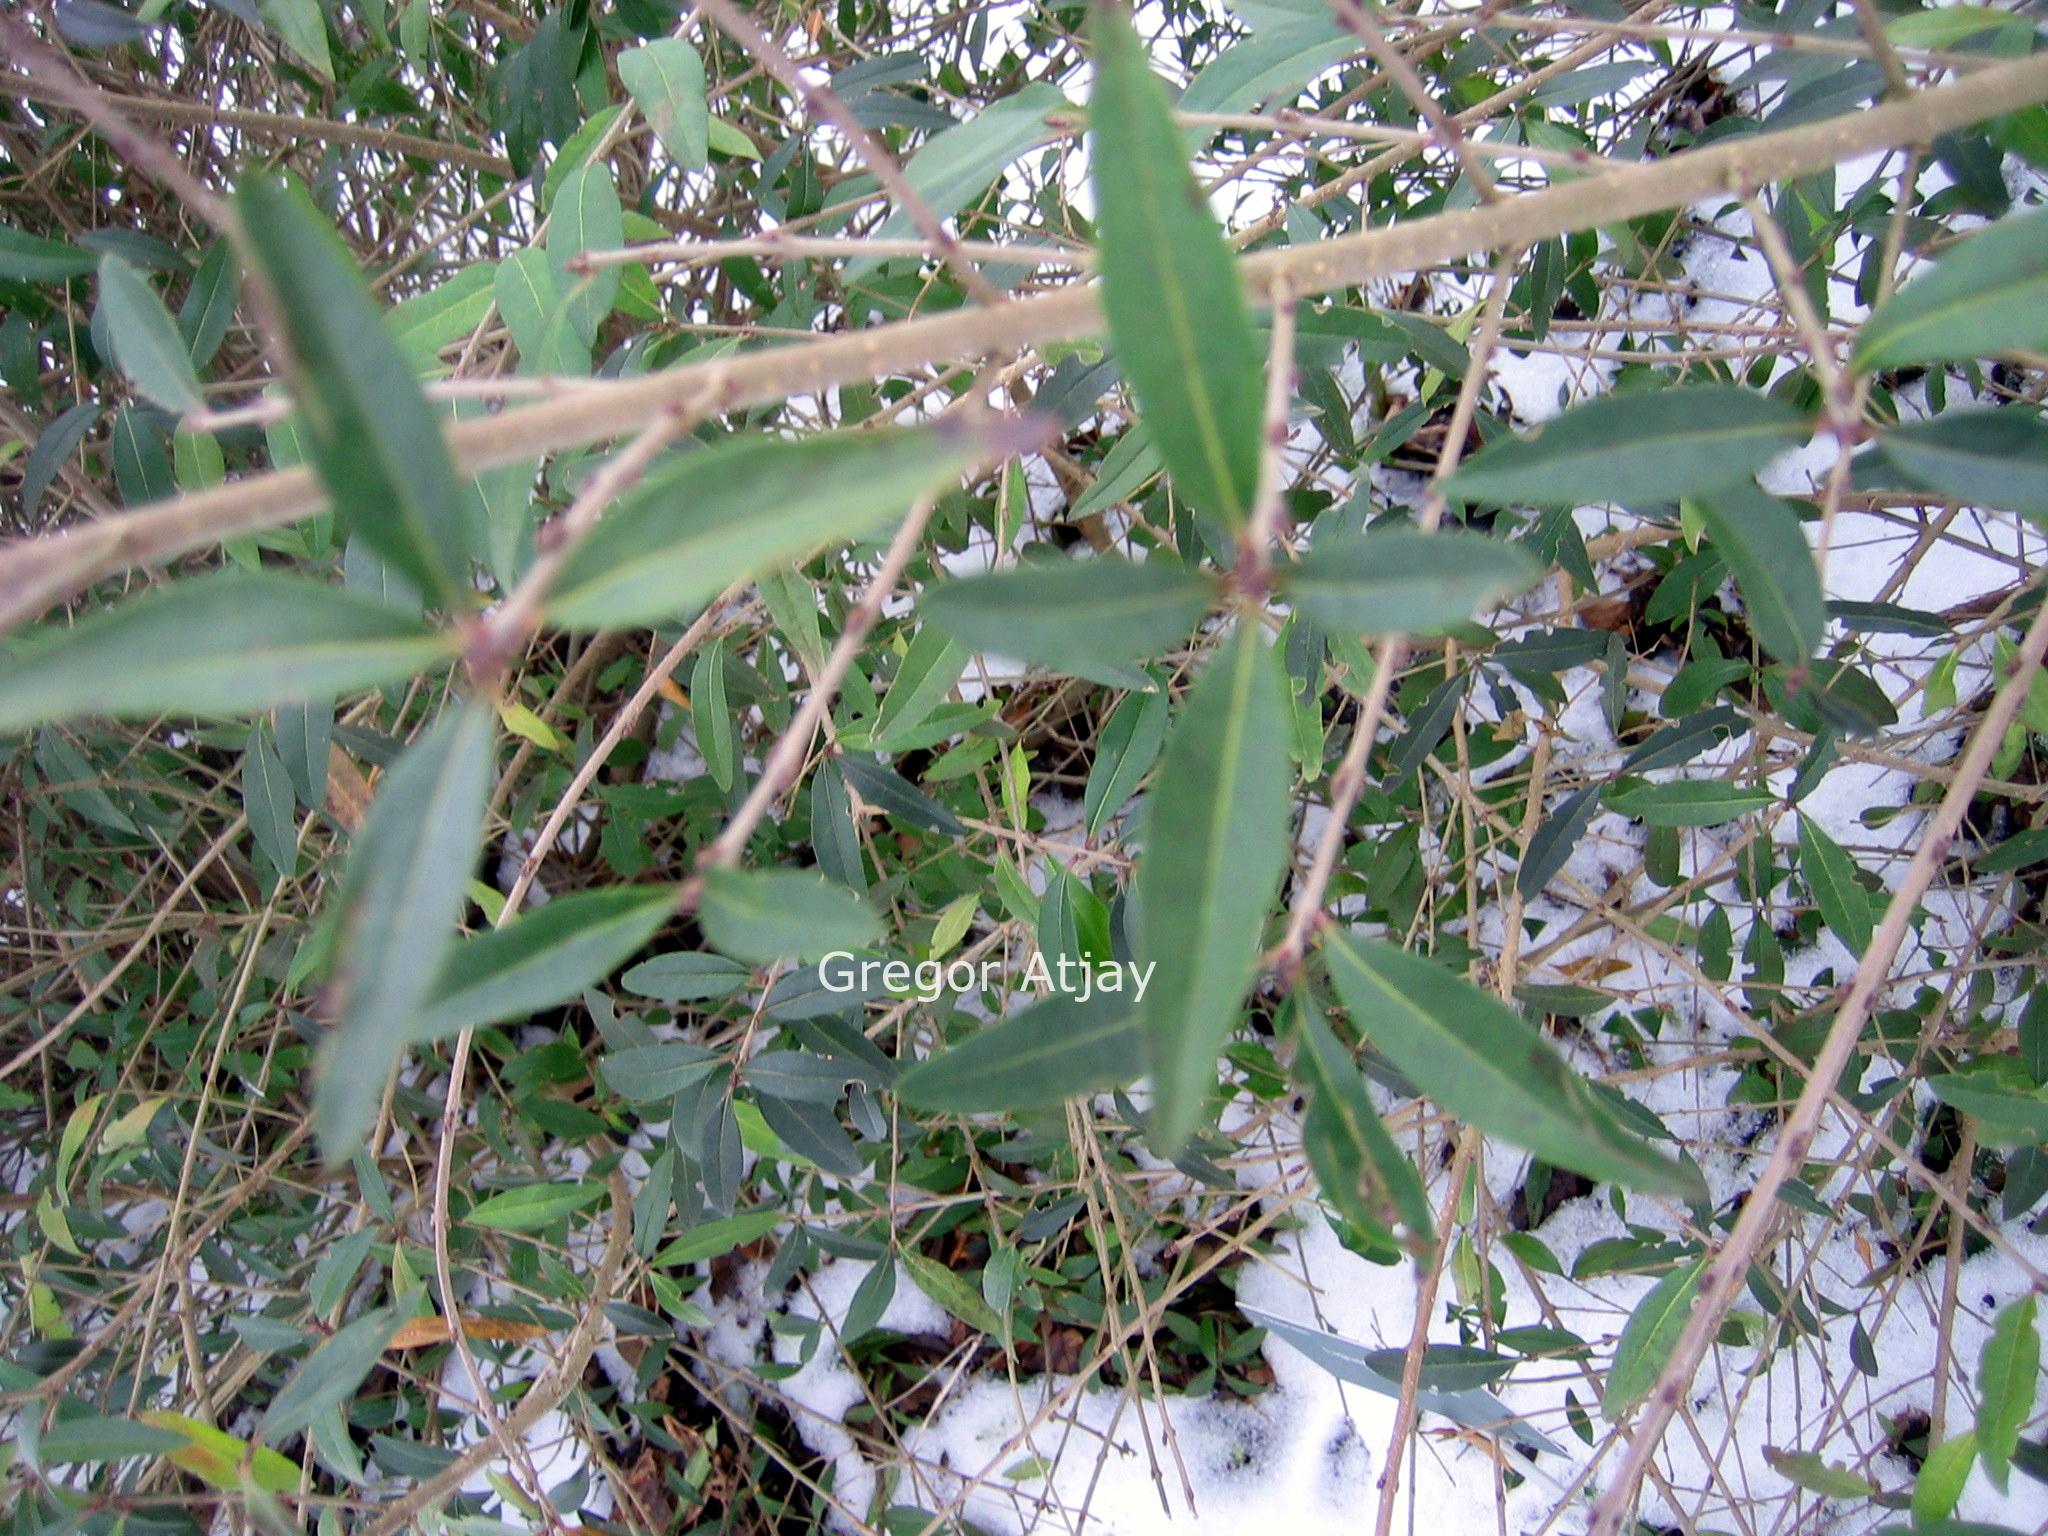 Haagplanten bosplanten jonge planten met blote wortel